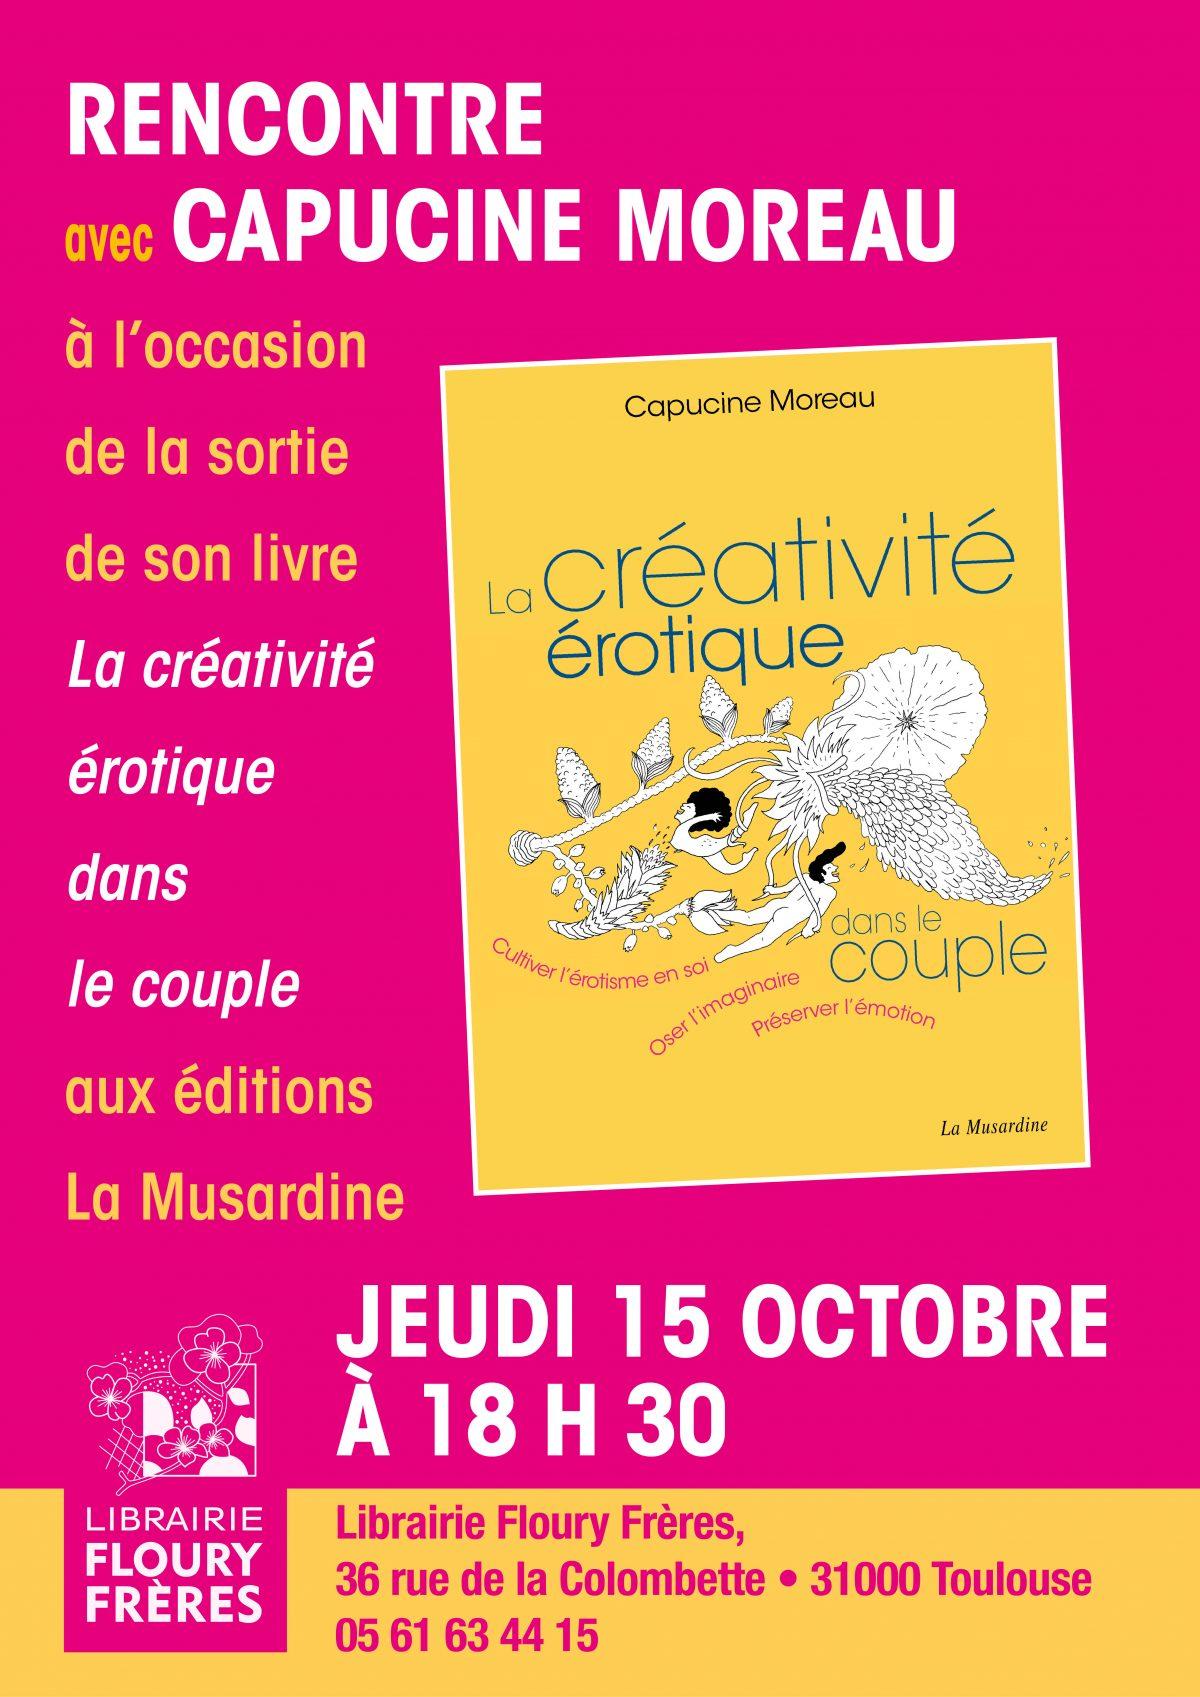 Rencontre autour du livre «La créativité érotique dans le couple» de Capucine Moreau